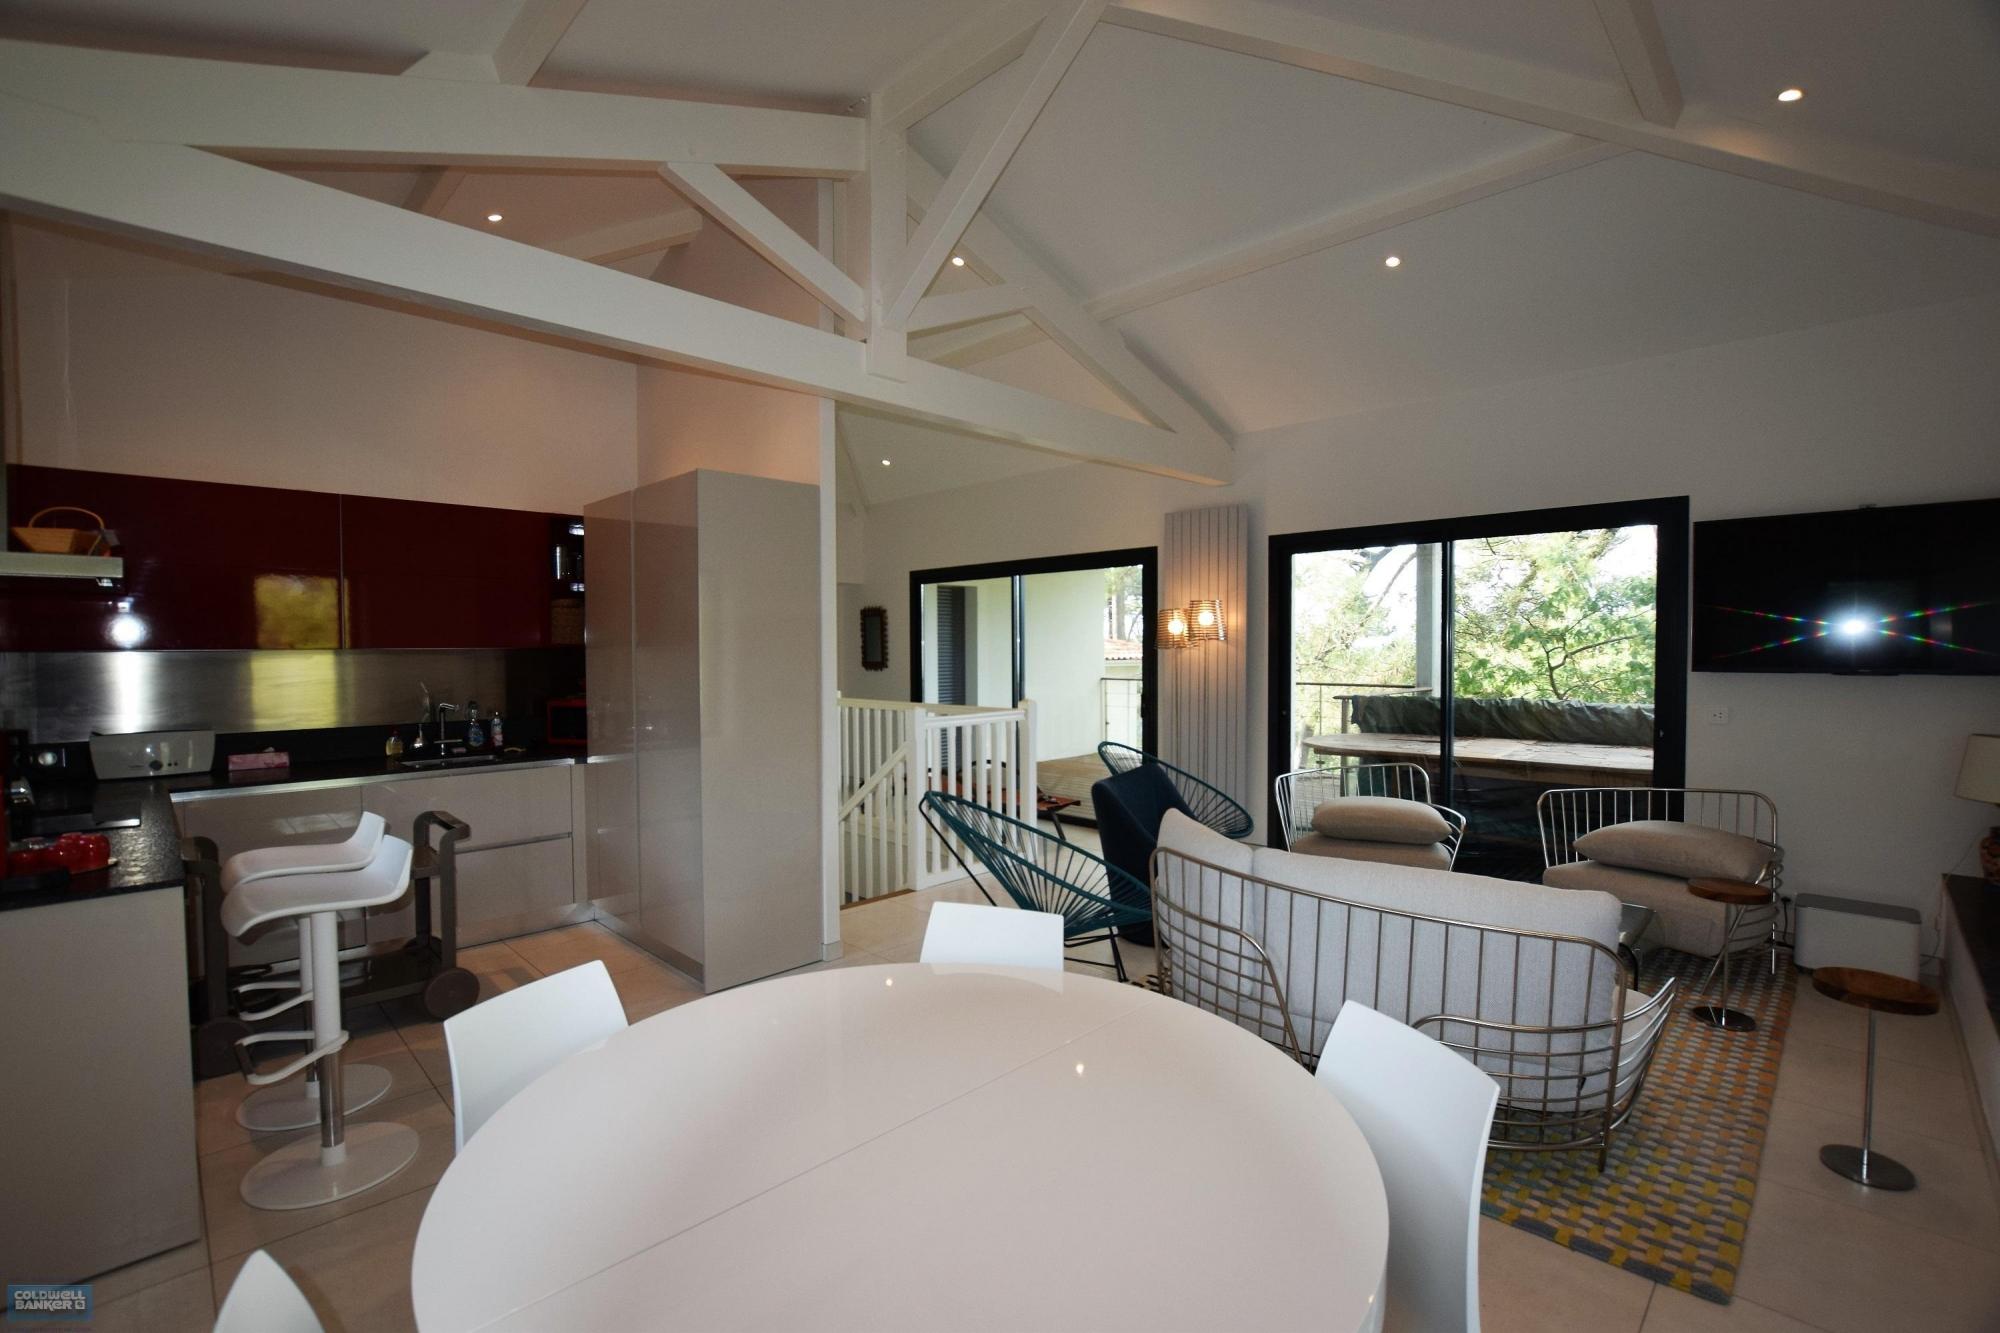 Location villa 5 chambres - 10 personnes - vue bassin PYLA SUR MER SUPER PYLA